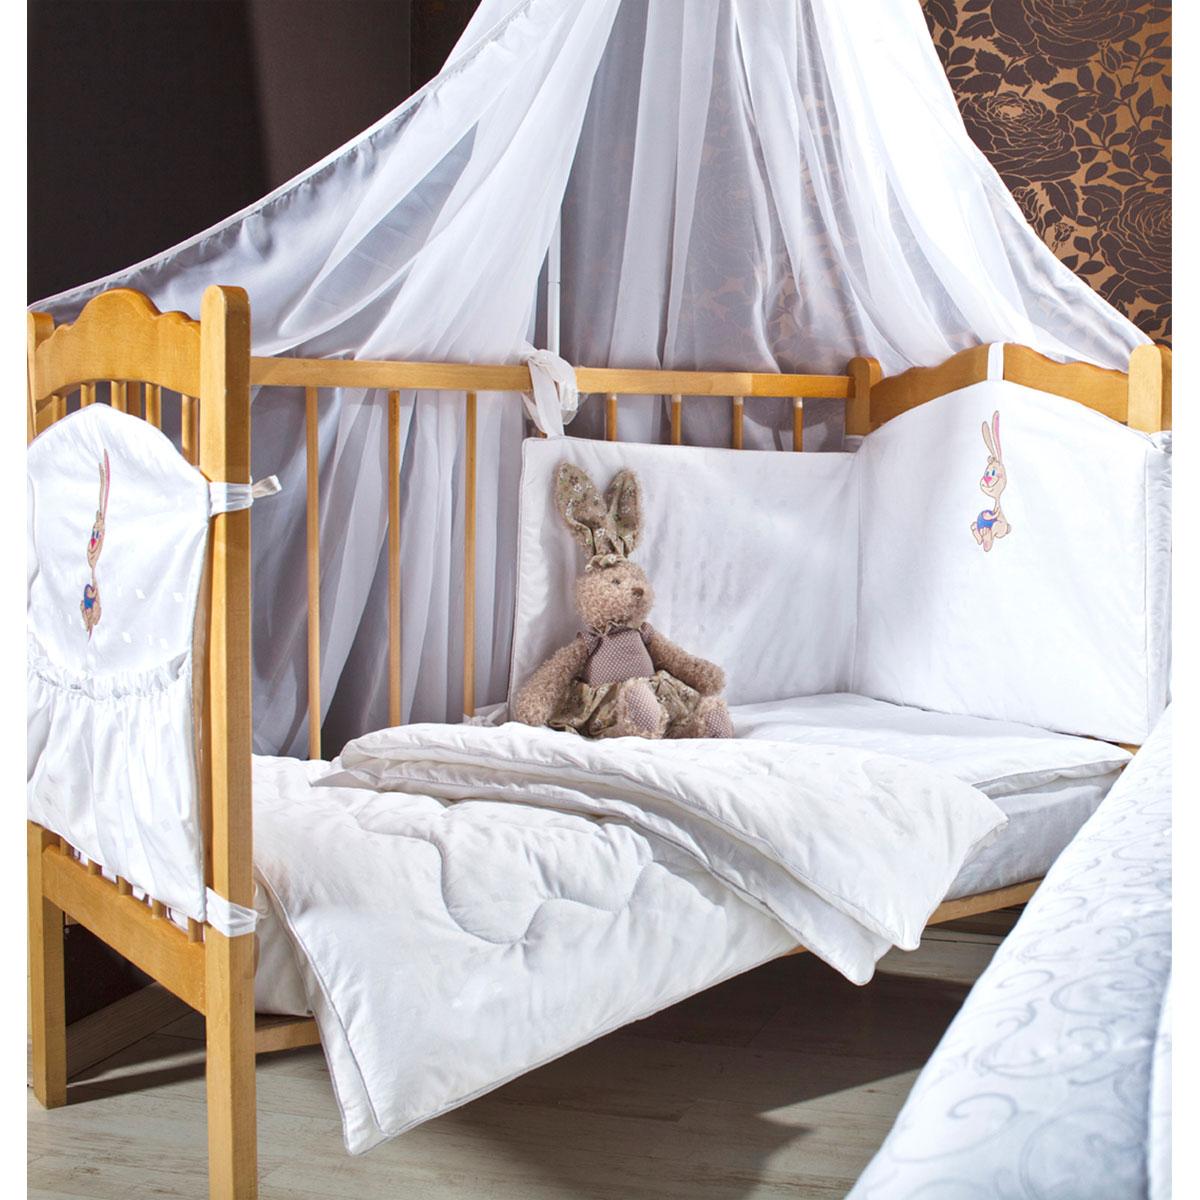 Комплект в кроватку Primavelle Lovely, цвет: голубой, 5 предметов411601842-3118вlКомплект в кроватку Primavelle Lovely прекрасно подойдет для кроватки вашего малыша, добавит комнате уюта и согреет в прохладные дни. В качестве материала верха использован натуральный 100% хлопок. Мягкая ткань не раздражает чувствительную и нежную кожу ребенка и хорошо вентилируется. Подушка и одеяло наполнены гипоаллергенным бамбуковым волокном. Бамбук является природным антисептиком, обладающим уникальными антибактериальными и дезодорирующими свойствами. Бортики наполнены экофайбером, который не впитывает запах и пыль. Балдахин выполнен из легкой прозрачной вуали. В комплекте - удобный карман на кроватку для всех необходимых вещей. Очень важно, чтобы ваш малыш хорошо спал - это залог его здоровья, а значит вашего спокойствия. Комплект Primavelle Lovely идеально подойдет для кроватки вашего малыша. На нем ваш кроха будет спать здоровым и крепким сном. Комплектация: - бортик (180 см х 46 см); - балдахин (420 см х 160 см); -...